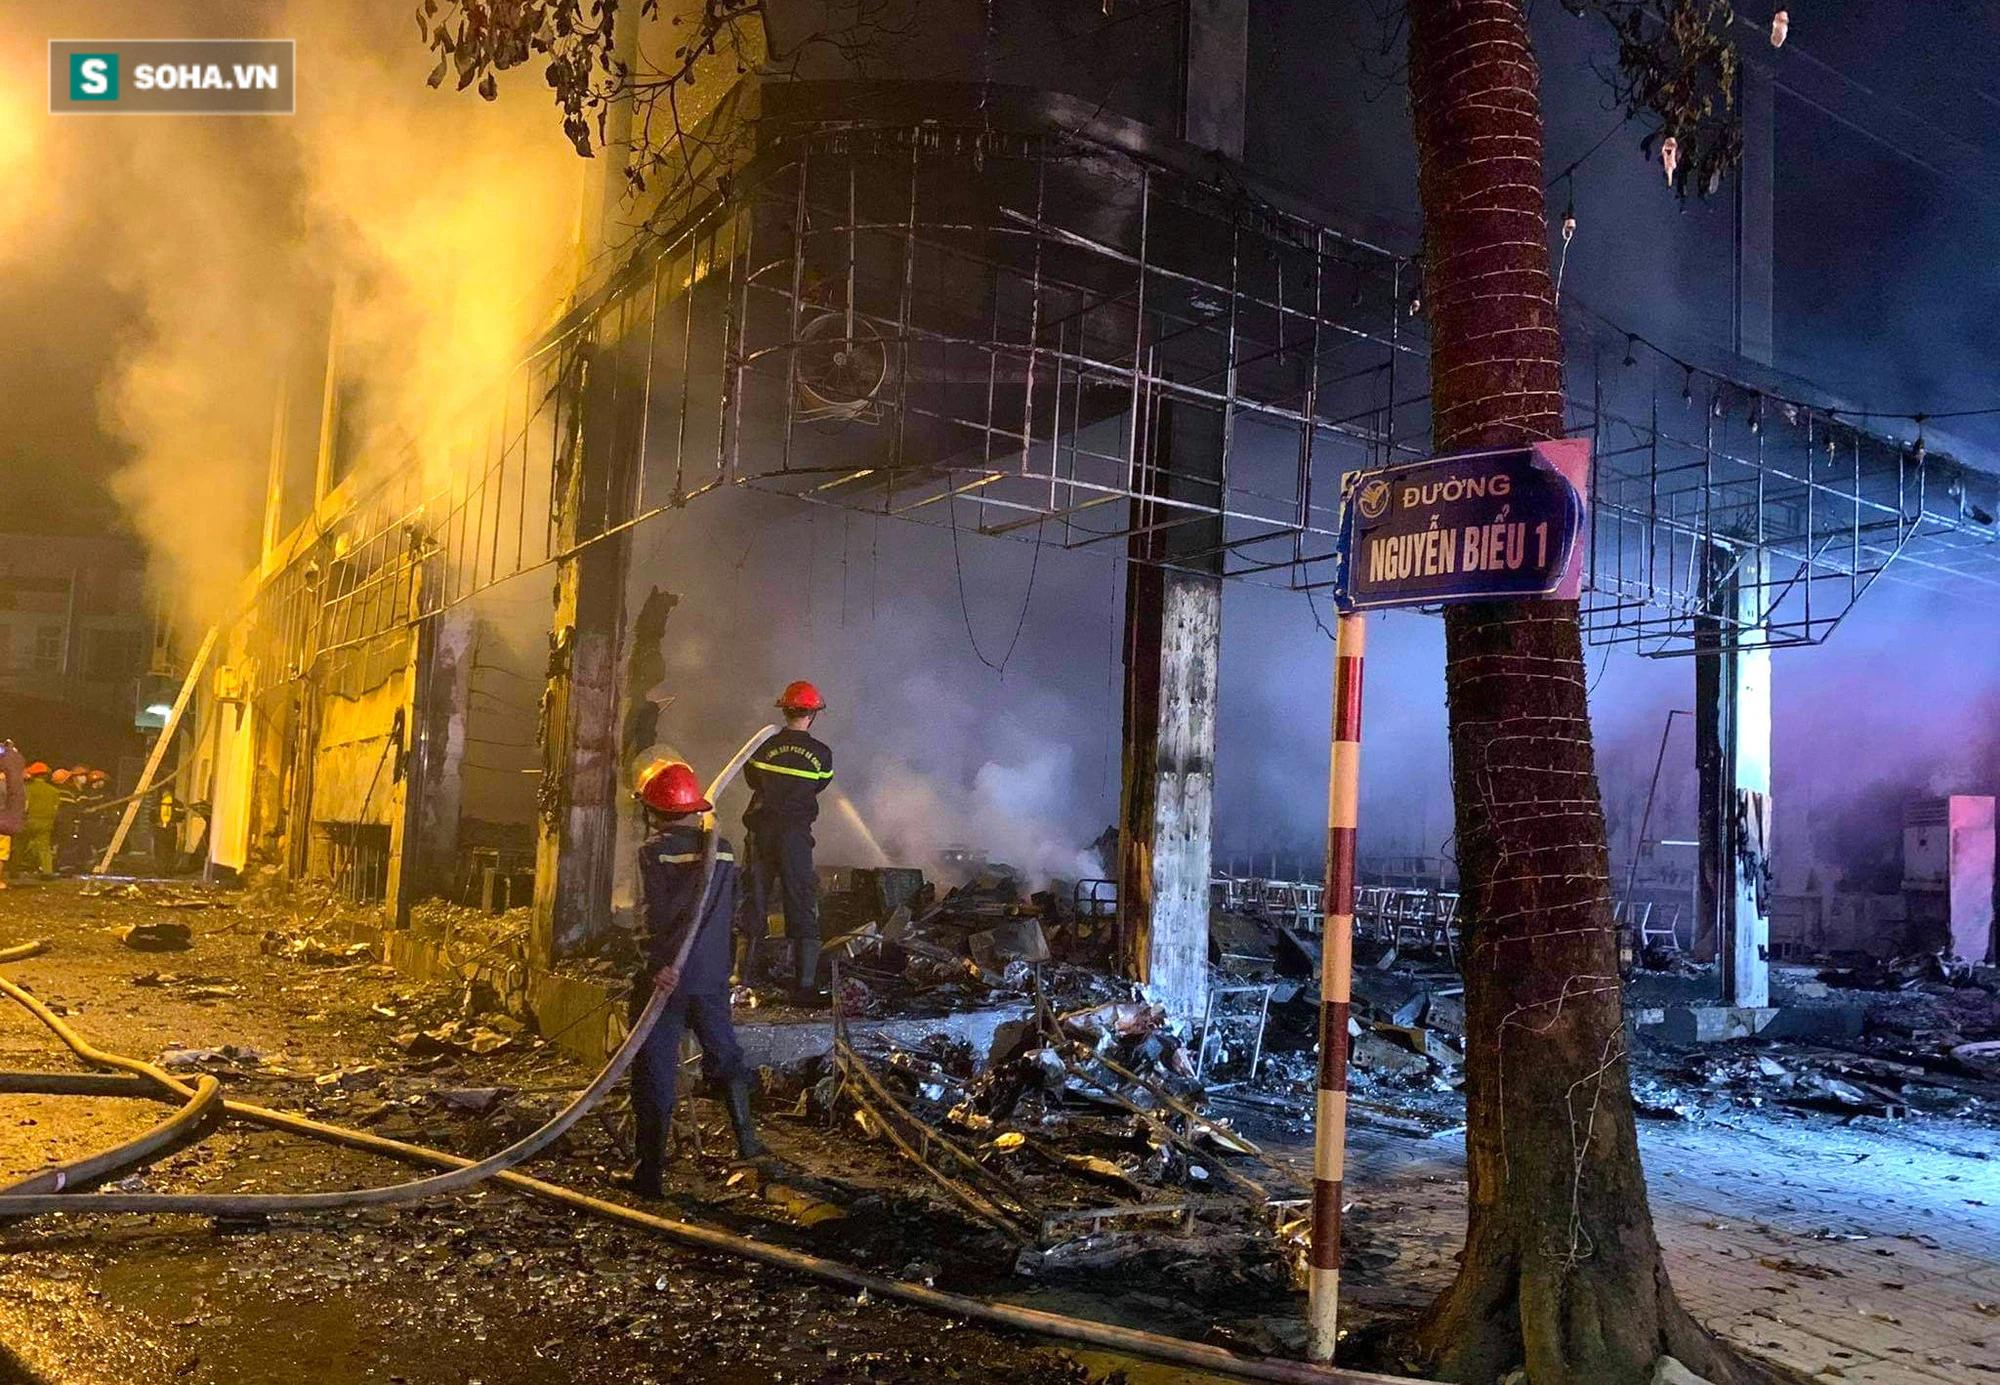 Cận cảnh hiện trường bên trong phòng trà bị cháy khiến 6 người tử vong ở Nghệ An - Ảnh 2.